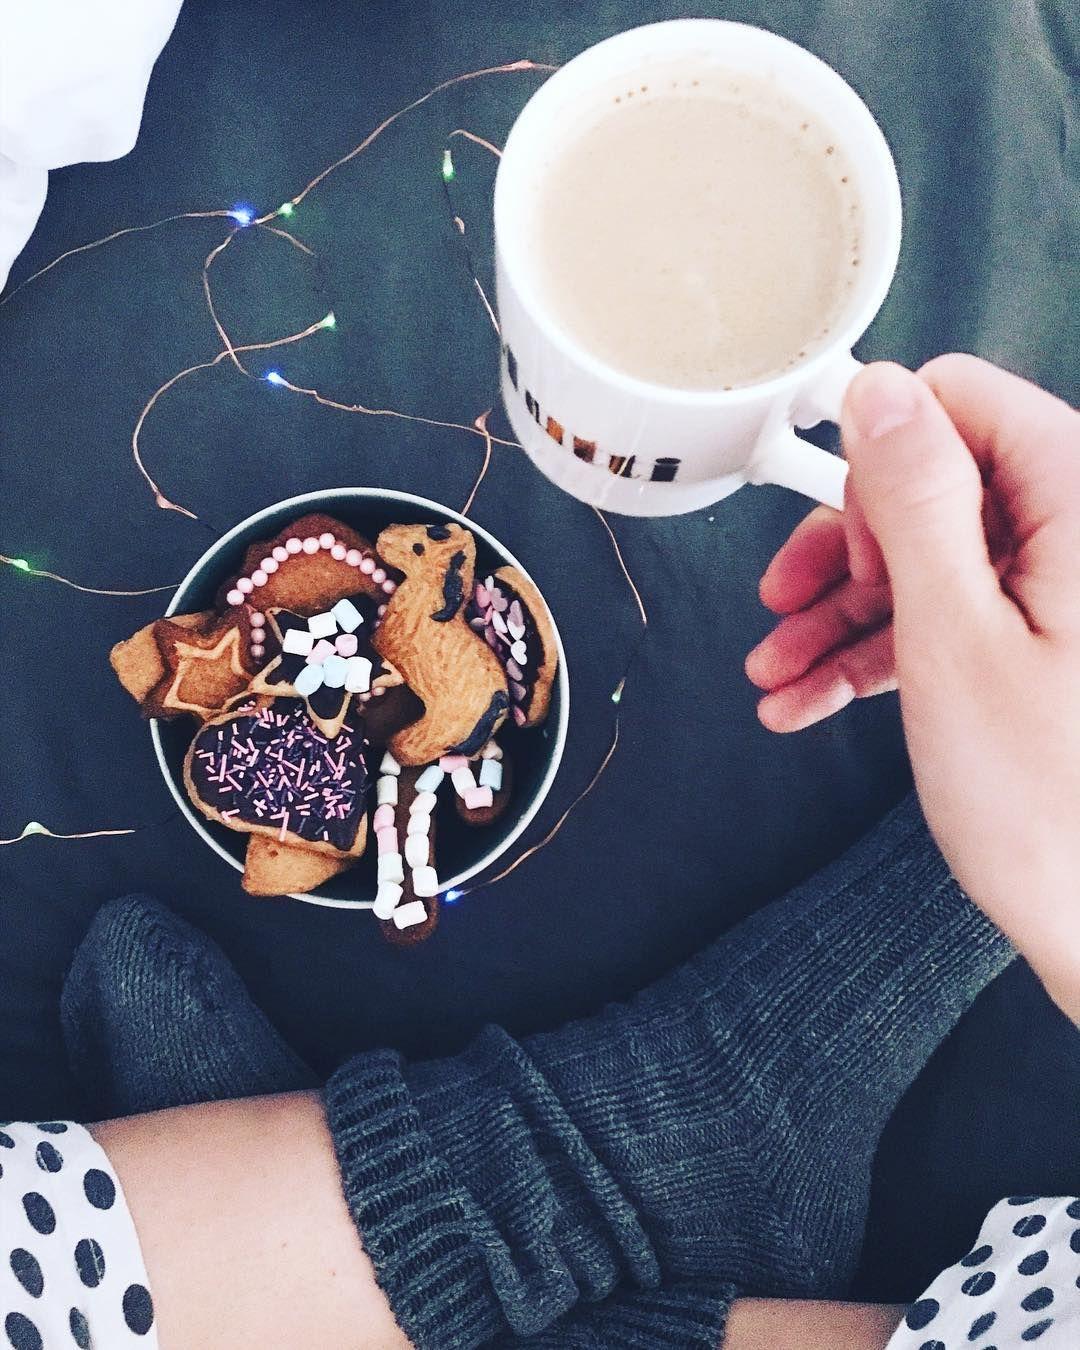 Anzeige Advent Advent Das Erste Lichtlein Brennt Und Passend Dazu Wird Der Erste Kaffee Des Tages Zusa Weihnachtsplatzchen Fruhstuck Im Bett Sonntag Morgen